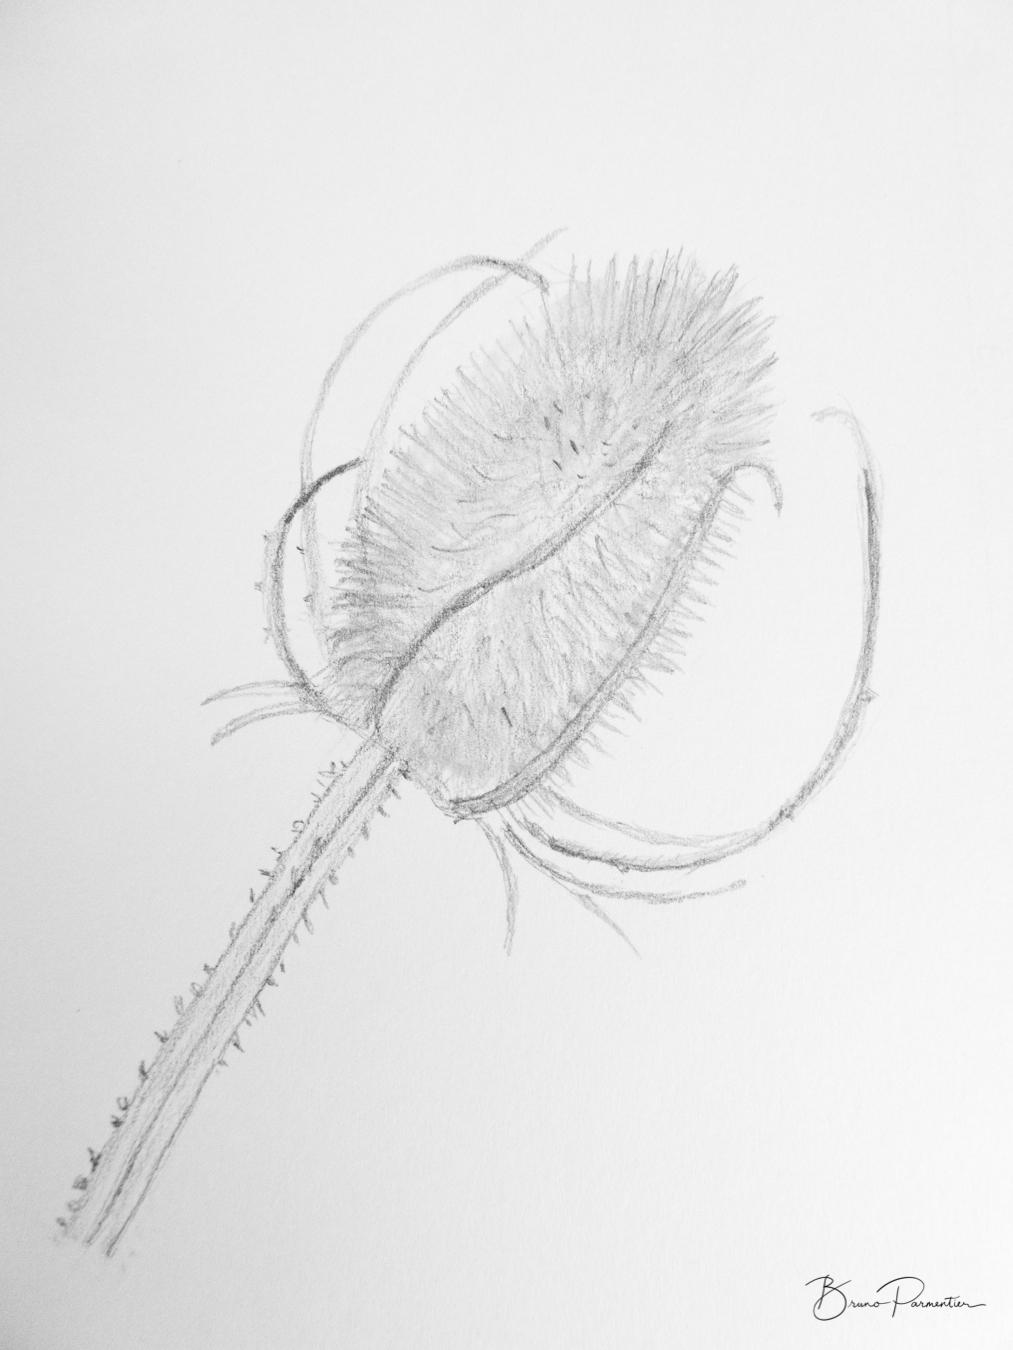 Cardère (crayon - d'après photo - 02.07.2018)